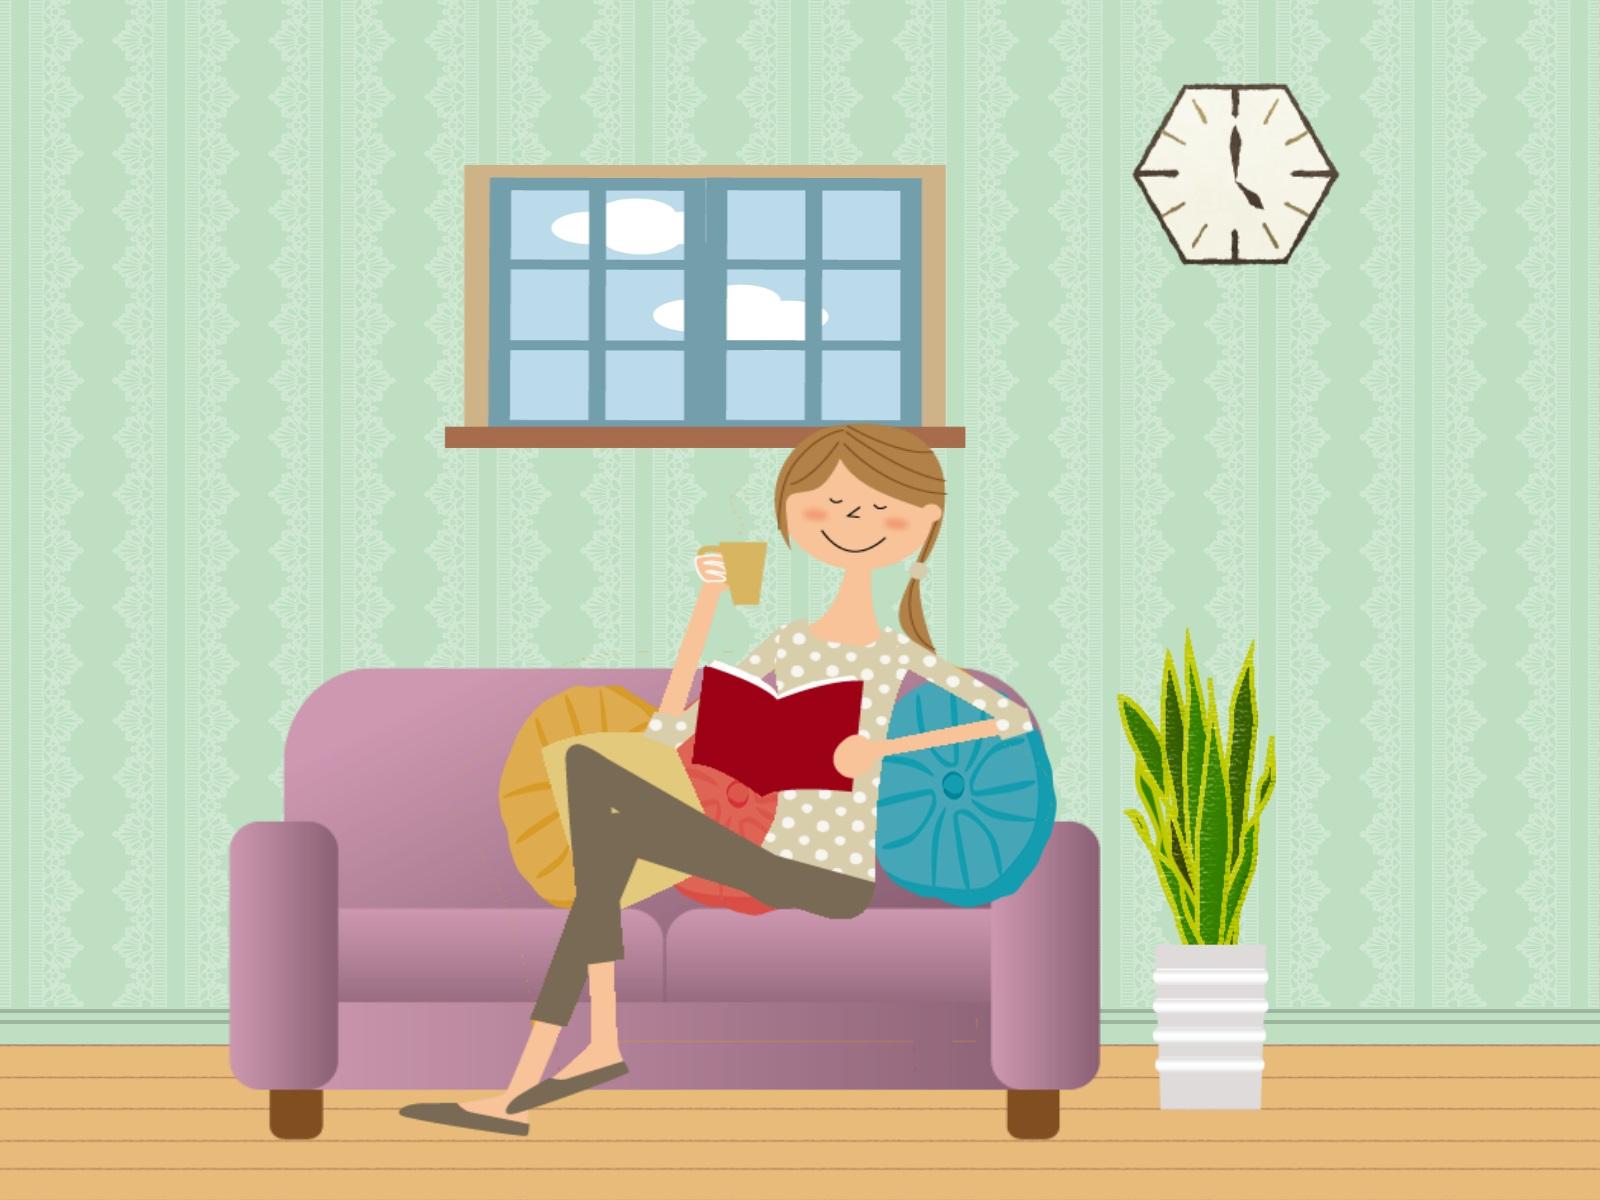 紫色のソファーでくつろいでいる女性のイラスト